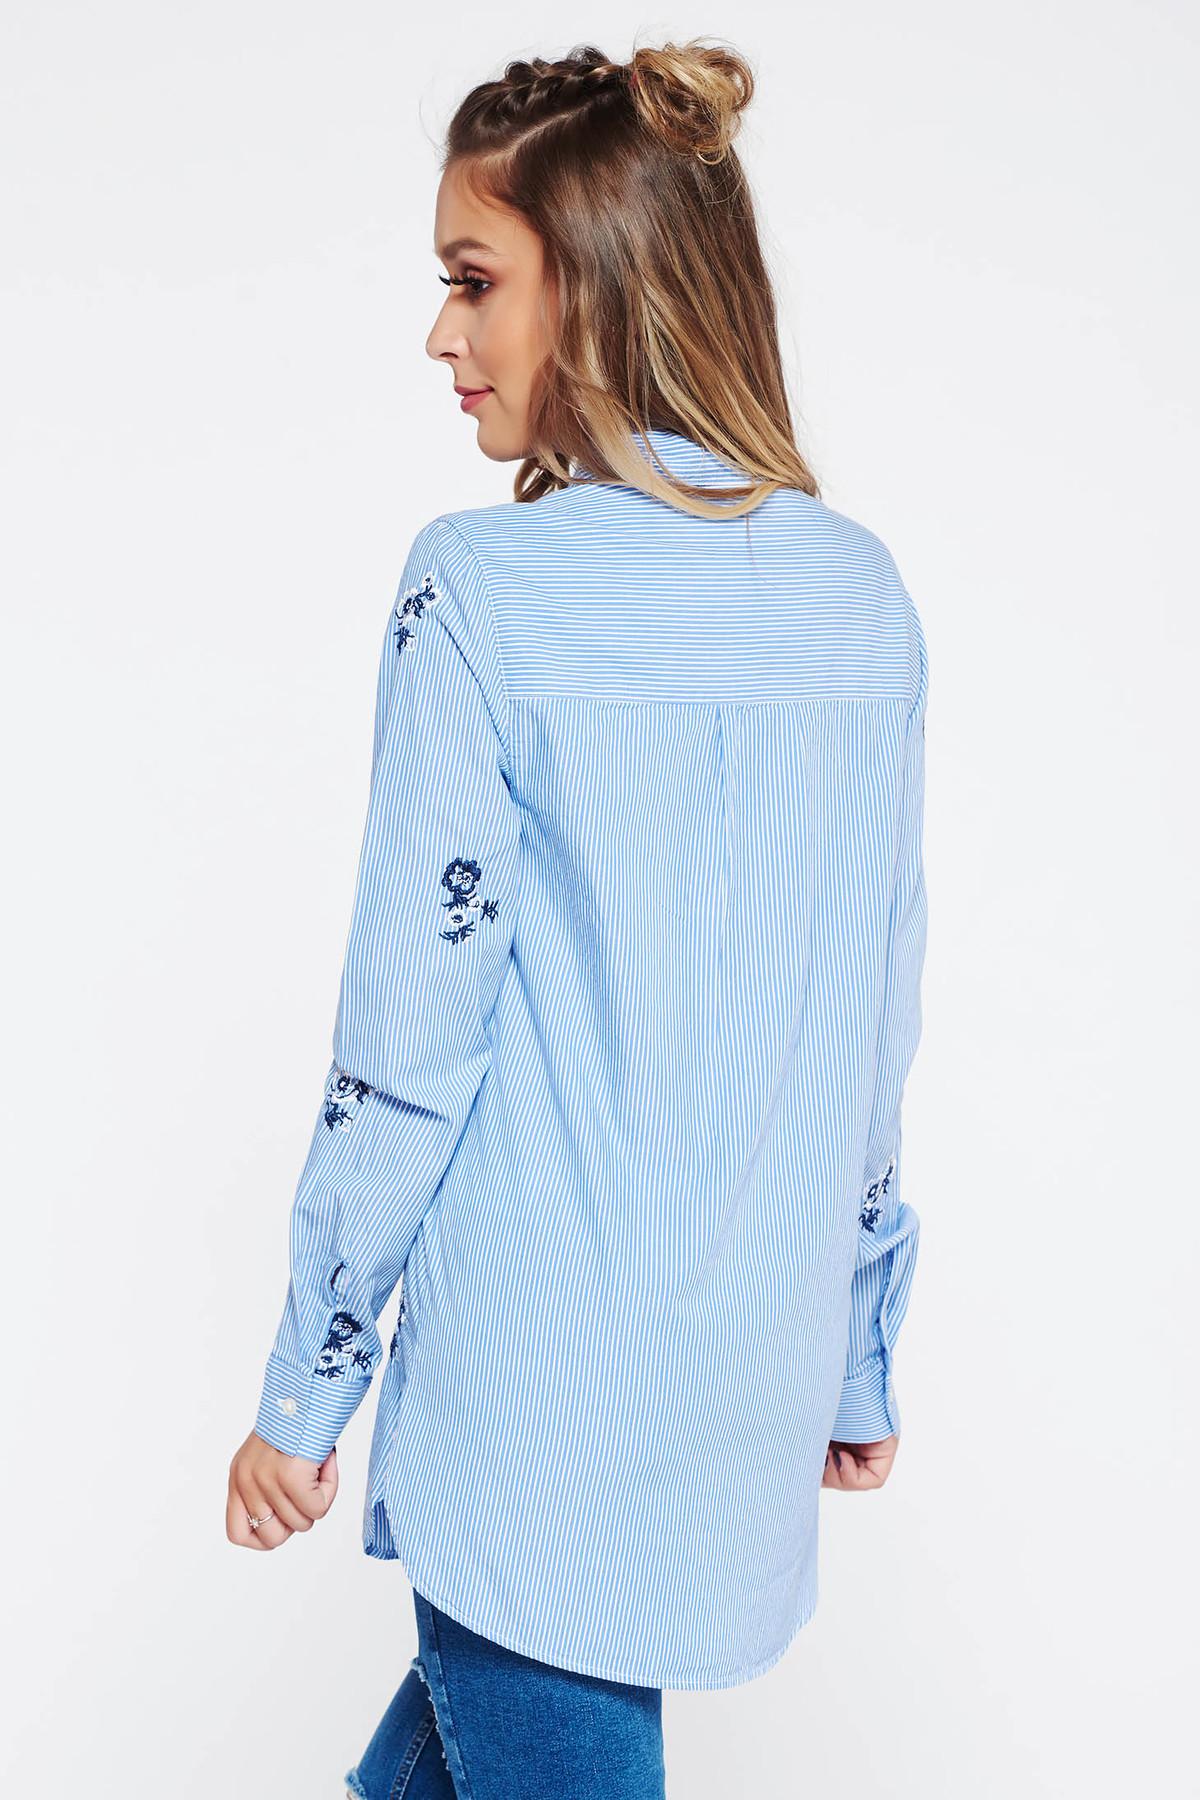 Camasa dama albastra casual din bumbac cu insertii de broderie